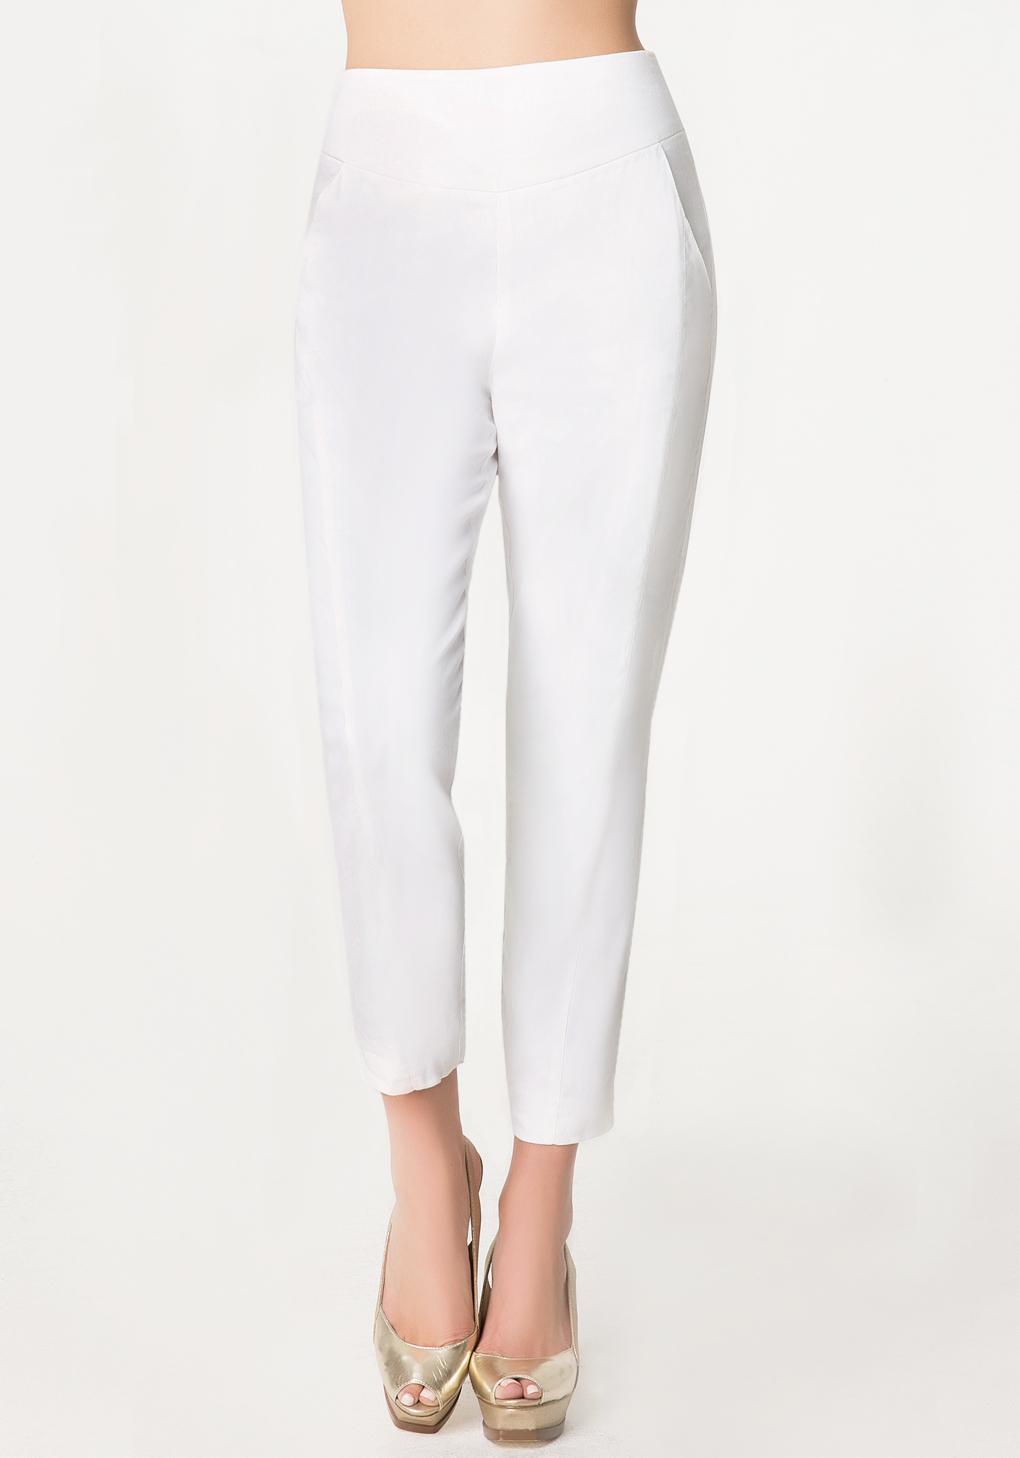 Bebe Tami Skinny Capri Pants in White | Lyst